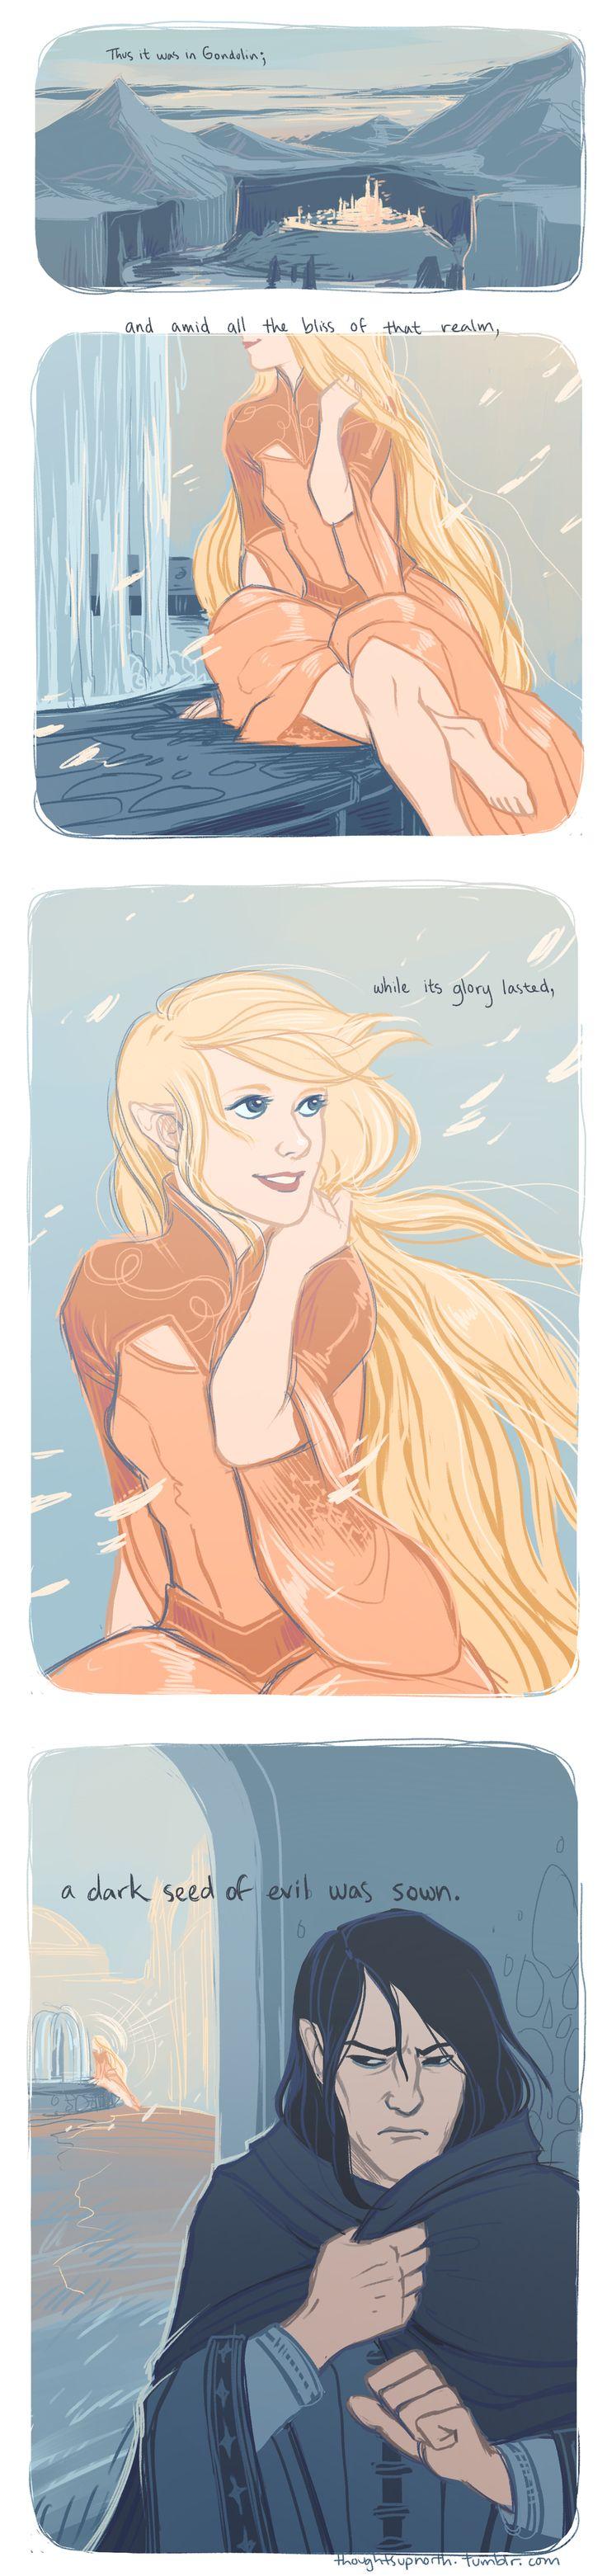 The Doom of Gondolin by Rekyrem.deviantart.com on @deviantART<<<EEEE It's so good!  Soooo perfect!